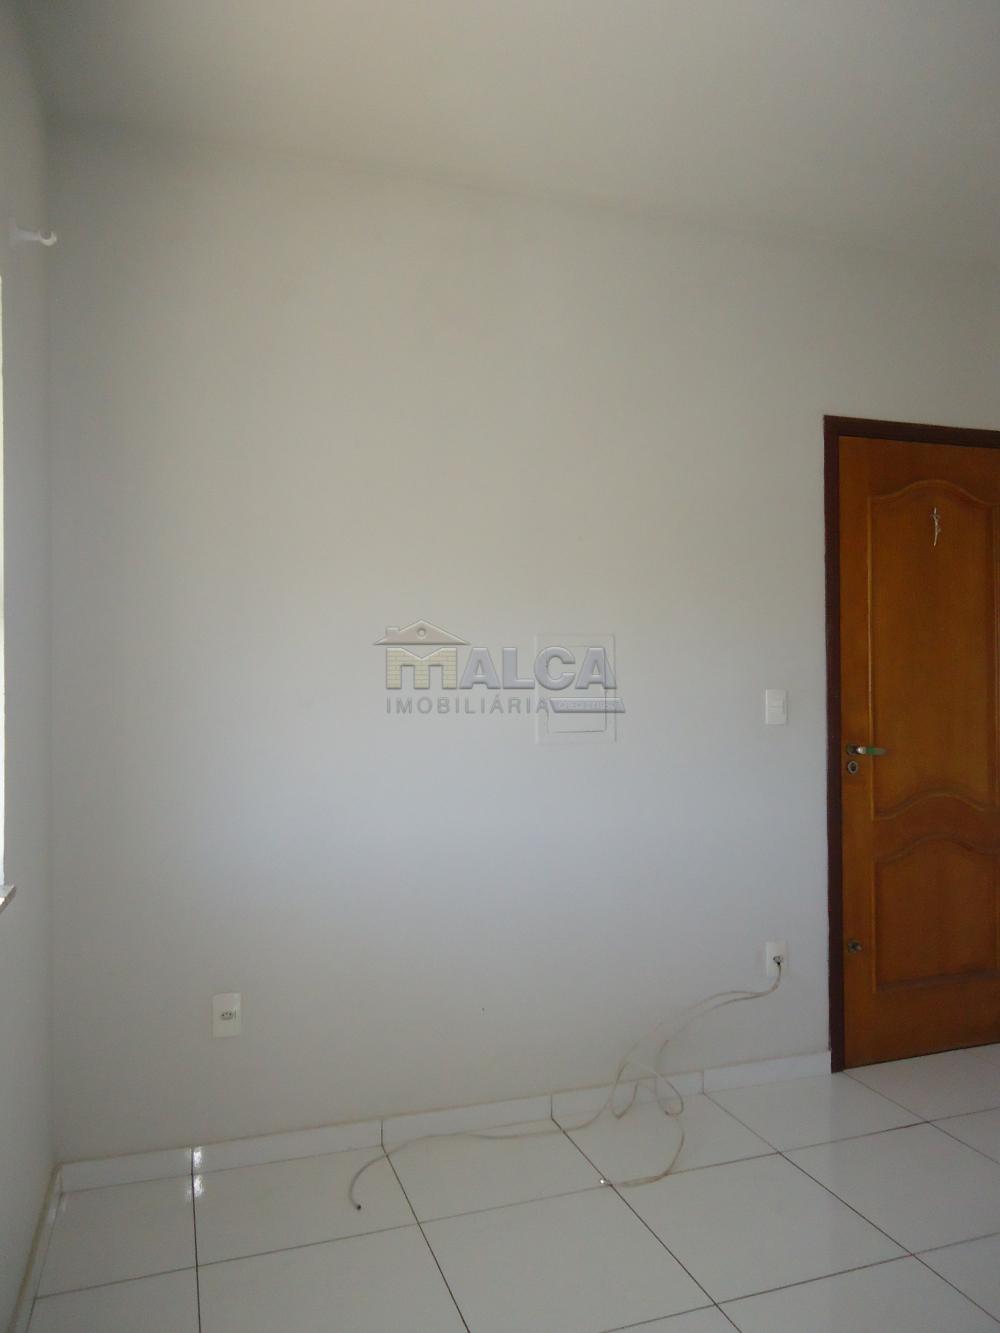 Alugar Apartamentos / Padrão em São José do Rio Pardo R$ 950,00 - Foto 9